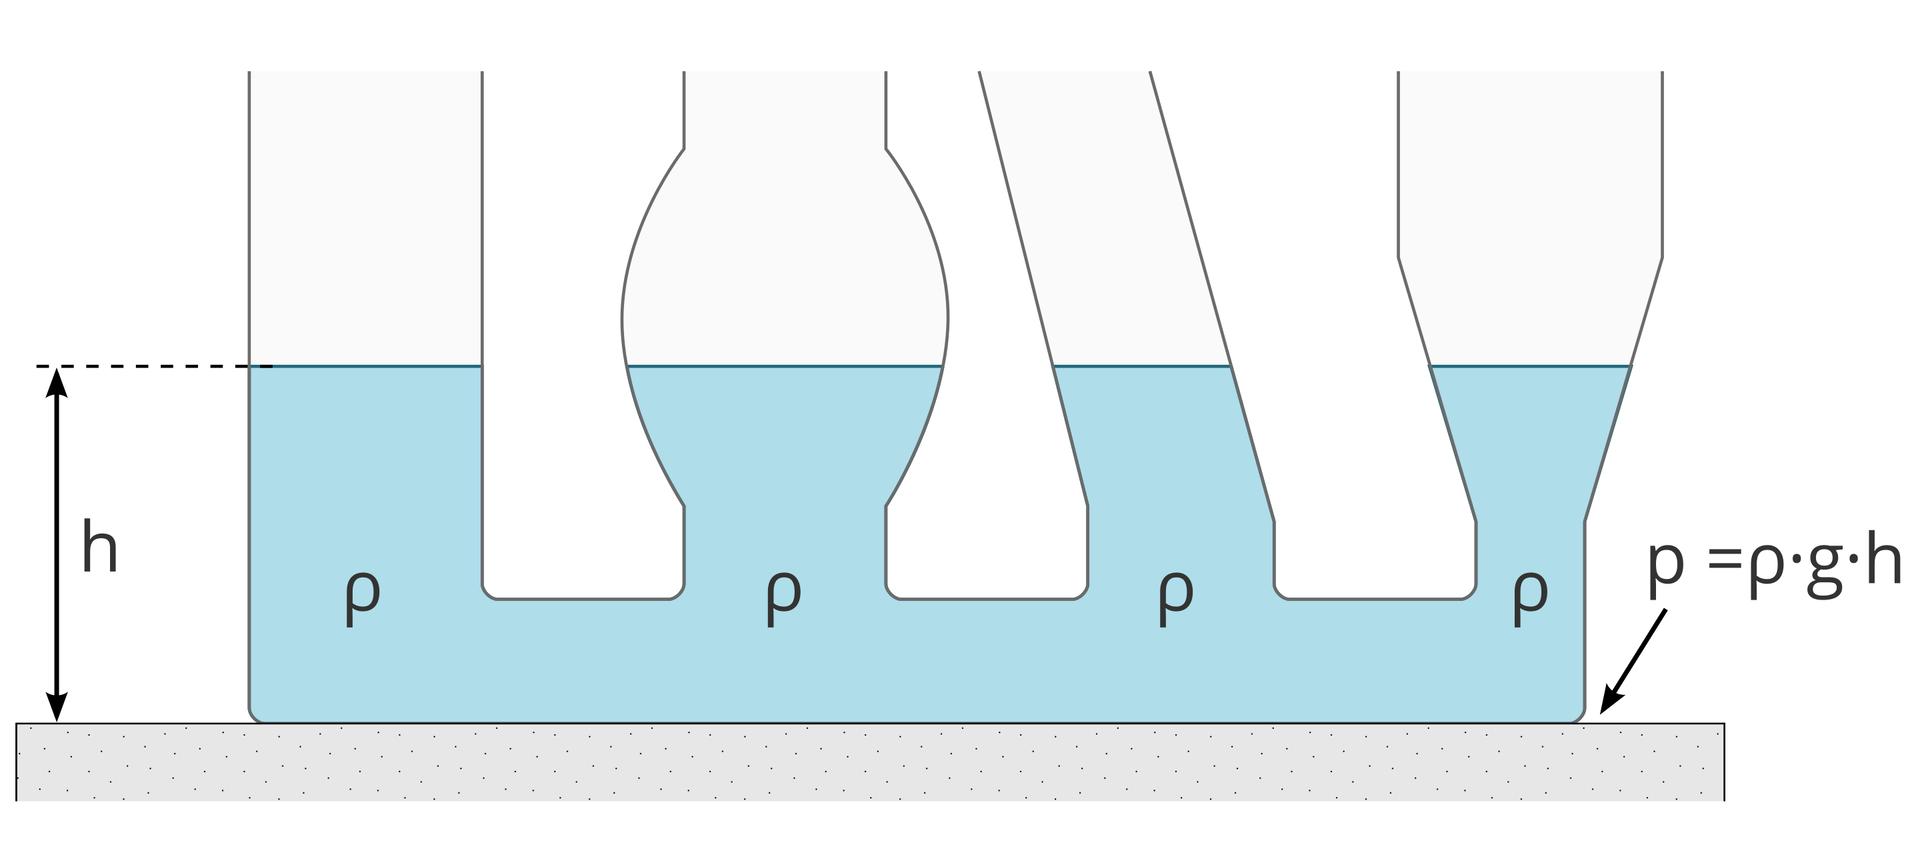 """Ilustracja przedstawia naczynia połączone. Tło białe. Naczynia wypełnione są niebieską wodą. Naczynia mają różne kształty: walcowaty prosty, walcowaty, pękaty, rozszerzający się. Dna naczyń są połączone zjednym, długim naczyniem. Dzięki temu mają wspólne dno. Ciecz może swobodnie przepływać. Wspólne dno umieszczono na szarym podłożu. Dno naczynia płaskie, przylegając do podłoża. Poziom we wszystkich czterech naczyniach, pomimo ich różnego kształtu, pozostaje taki sam. Wysokość oznaczono na rysunku, zlewej strony, czarną strzałką. Strzałka podpisana """"h"""". Po prawej strony naczynia, na miejsce, wktórym dotyka podłoża, skierowano strzałkę podpisaną jako """"p = dgh""""."""